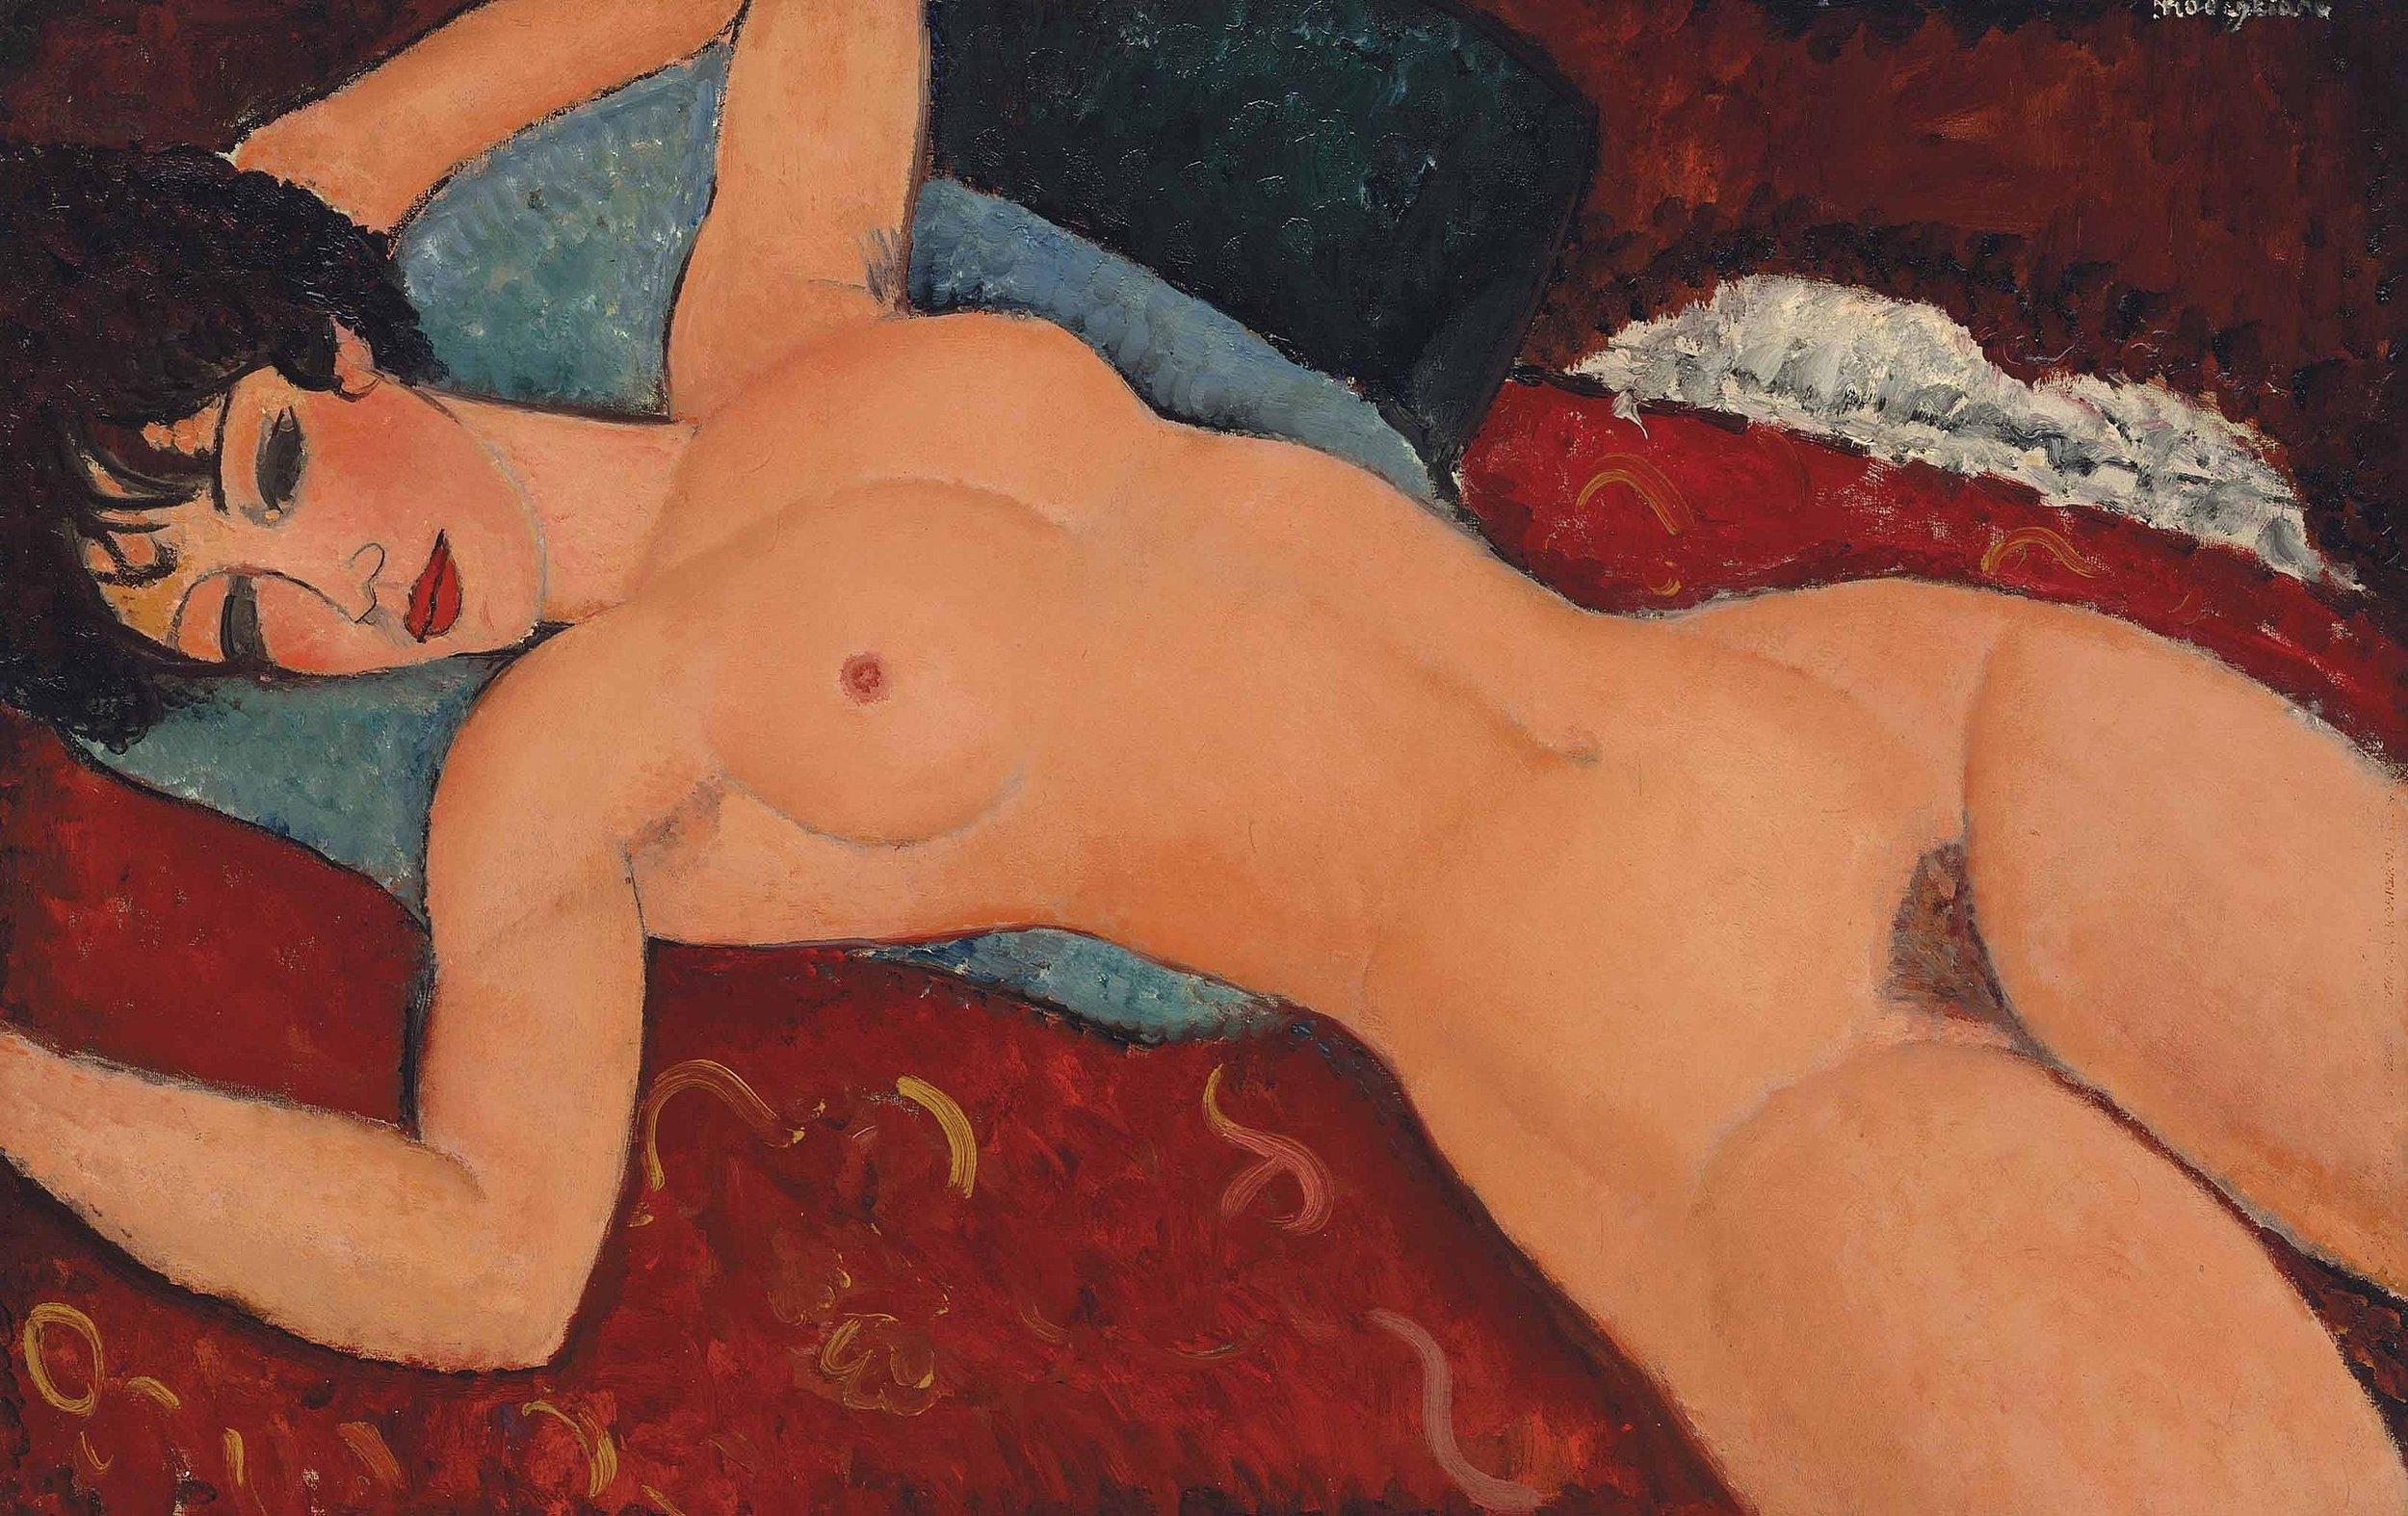 Amedeio Modigliani, Nu couché, 1917, oil on canvas